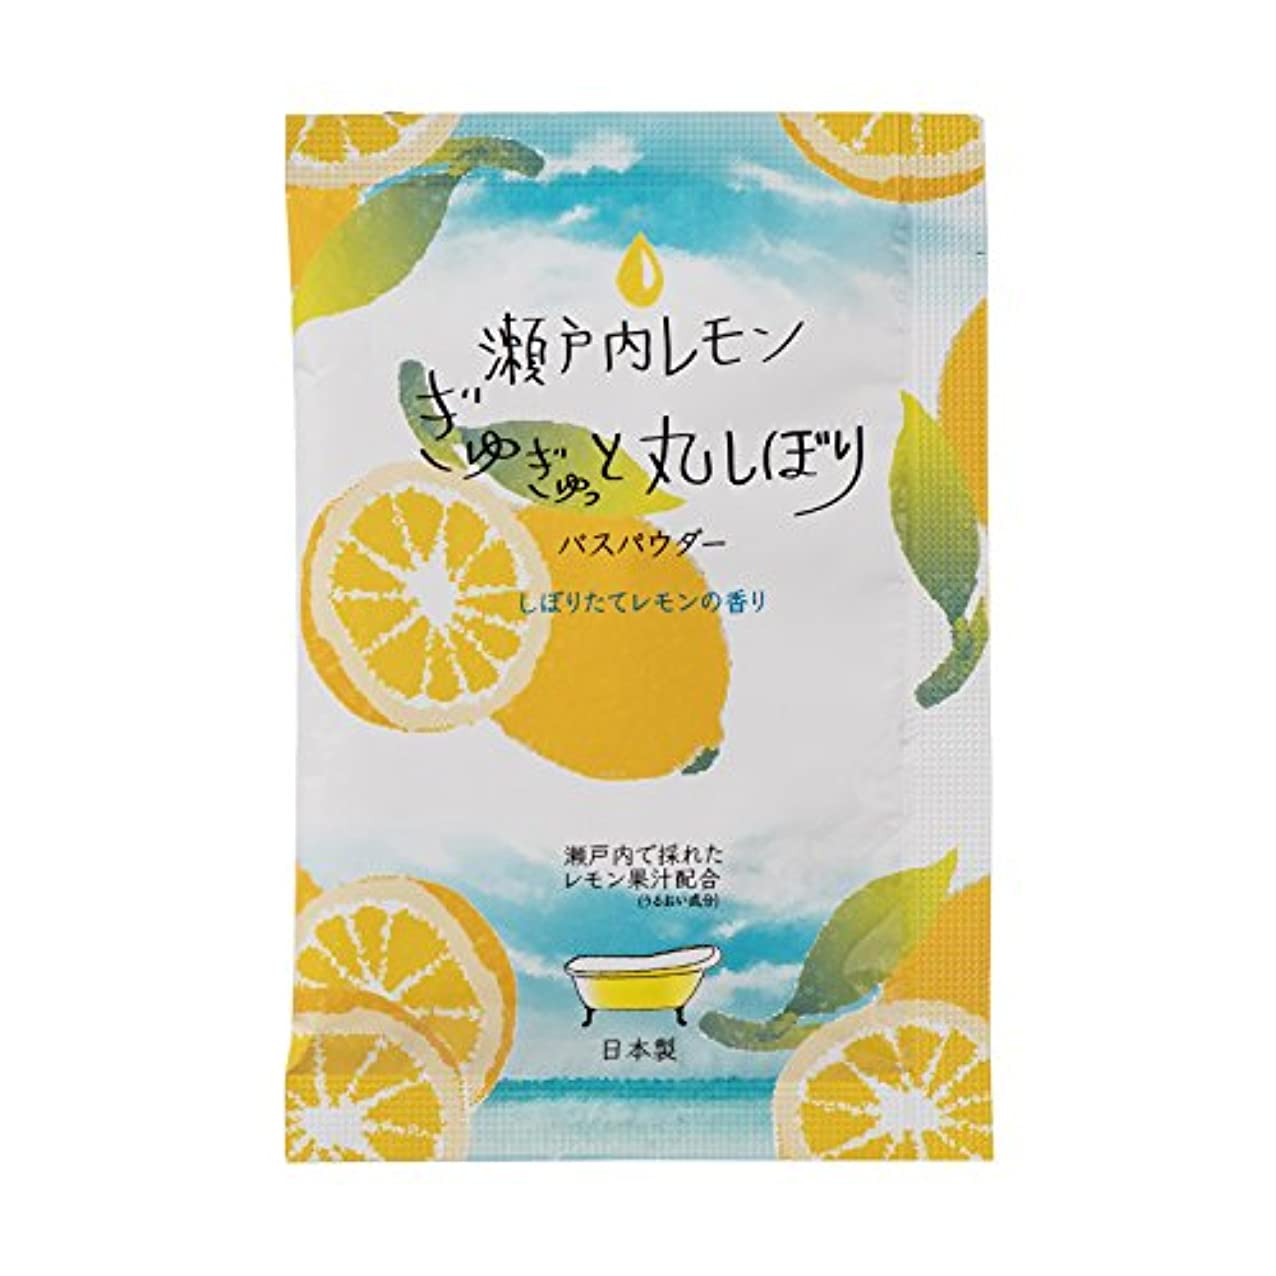 頑張る議題無視できるリッチバスパウダー(瀬戸内レモンの香り)× 40個